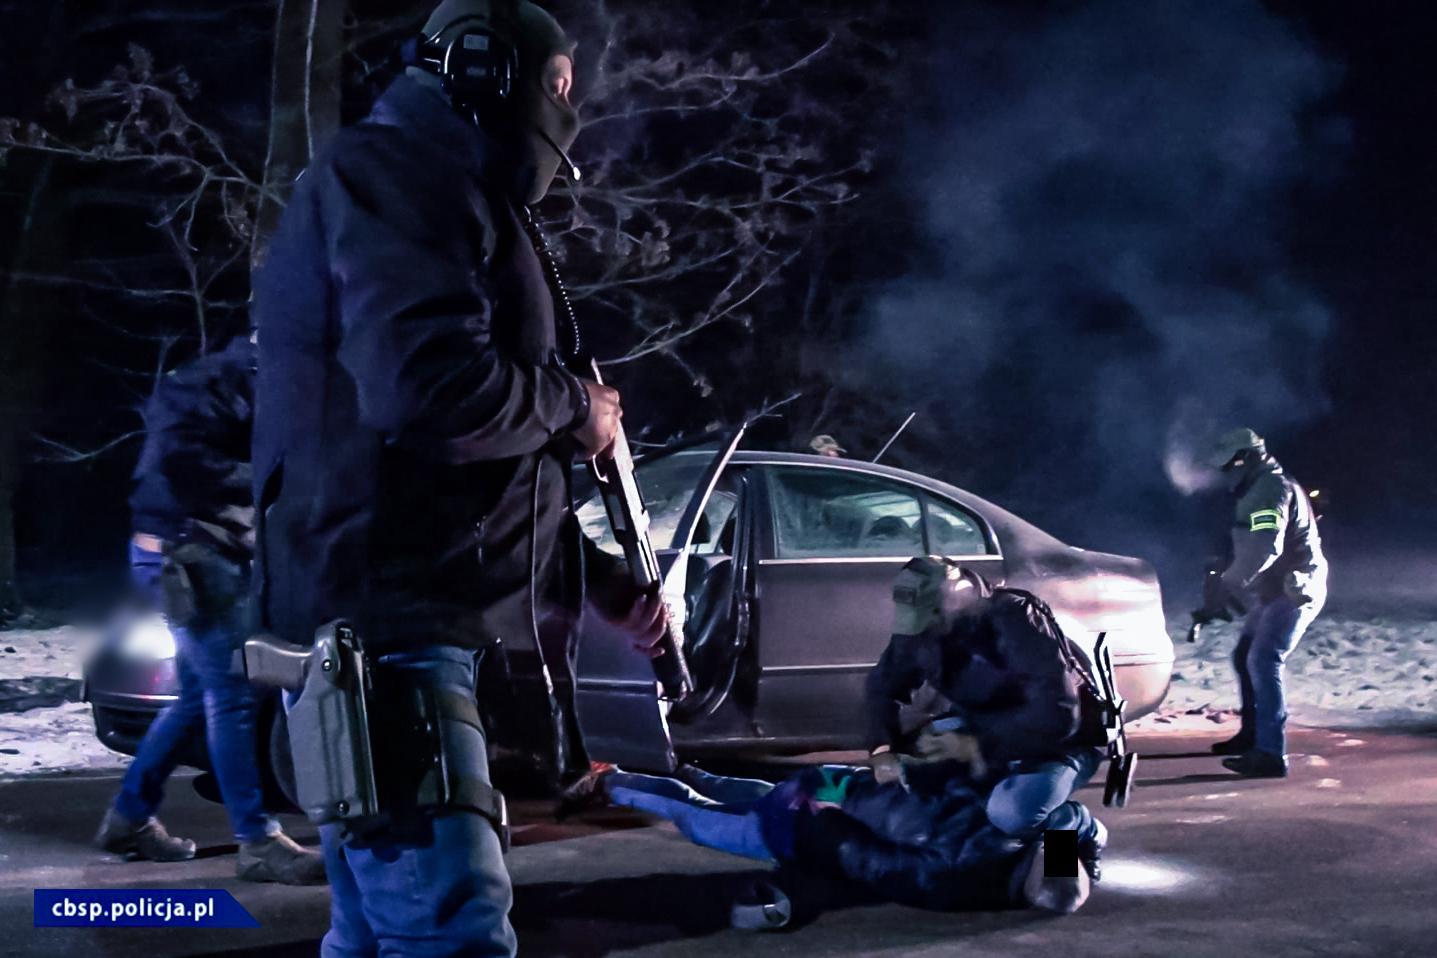 """Kolejny cios w międzynarodowy narkobiznes – kontynuacja działań w ramach operacji """"Przebudzenie mocy"""" [ZDJĘCIA, FILM]"""